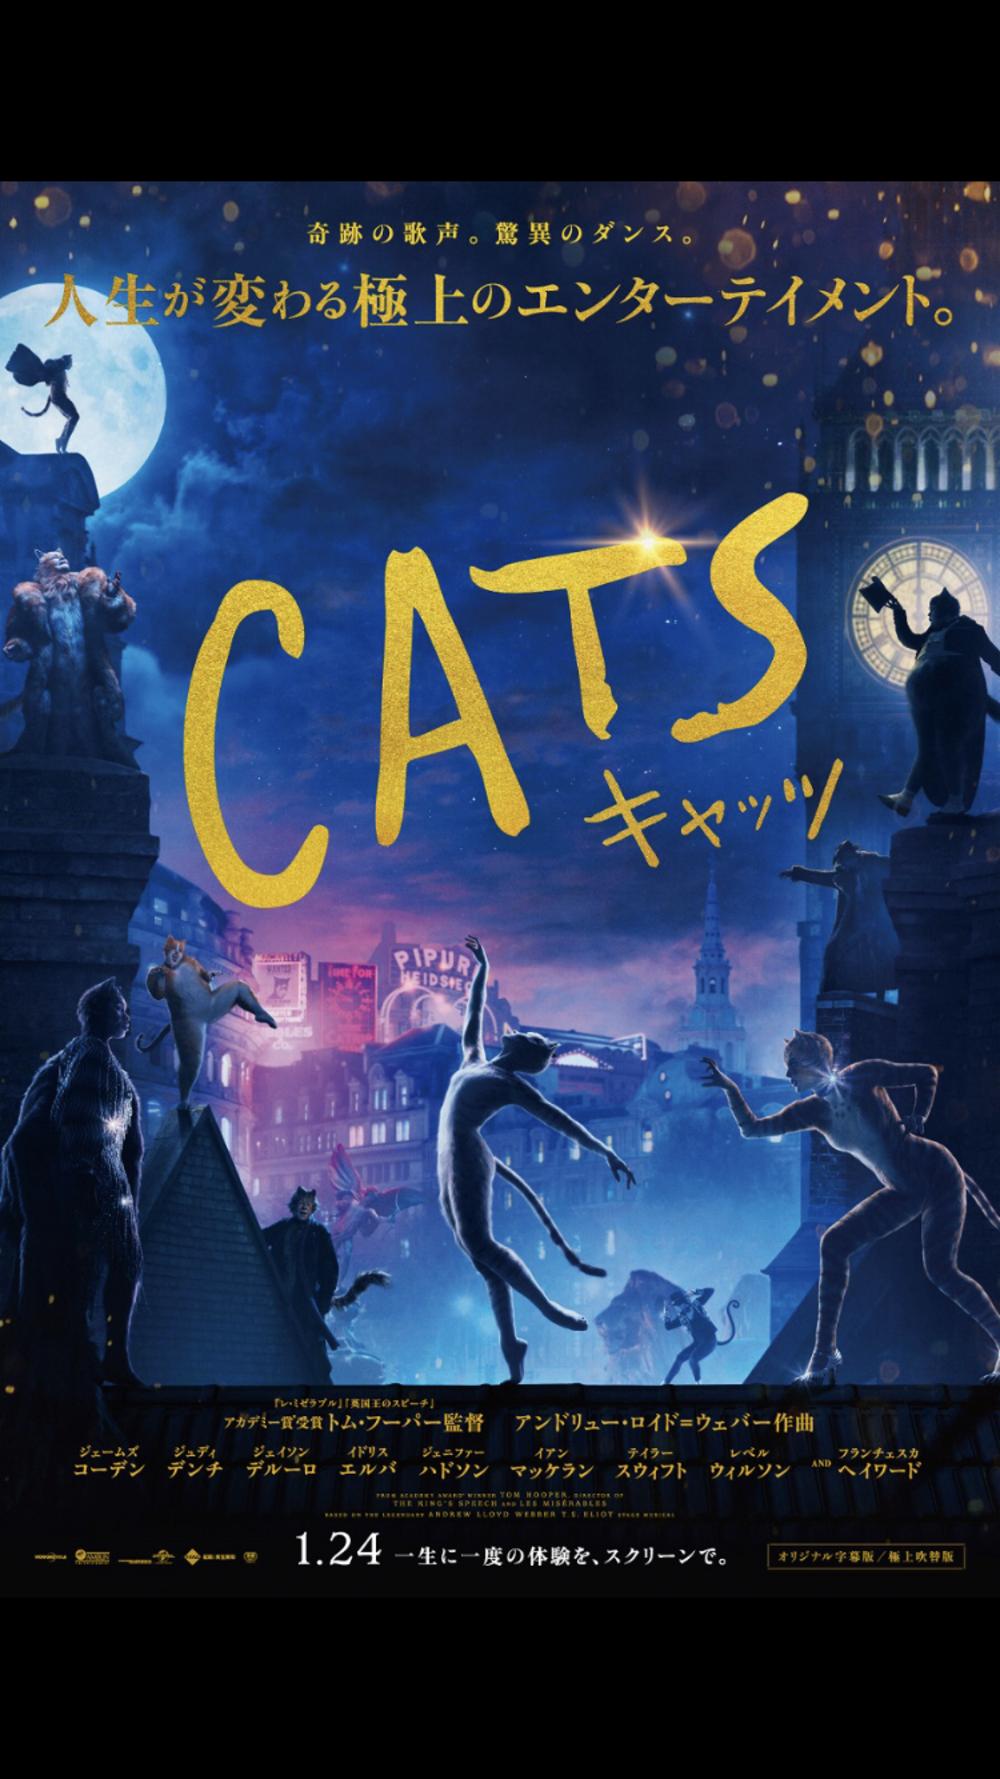 映画鑑賞会「CATS」伏見ミリオン座(上映時間決定!)